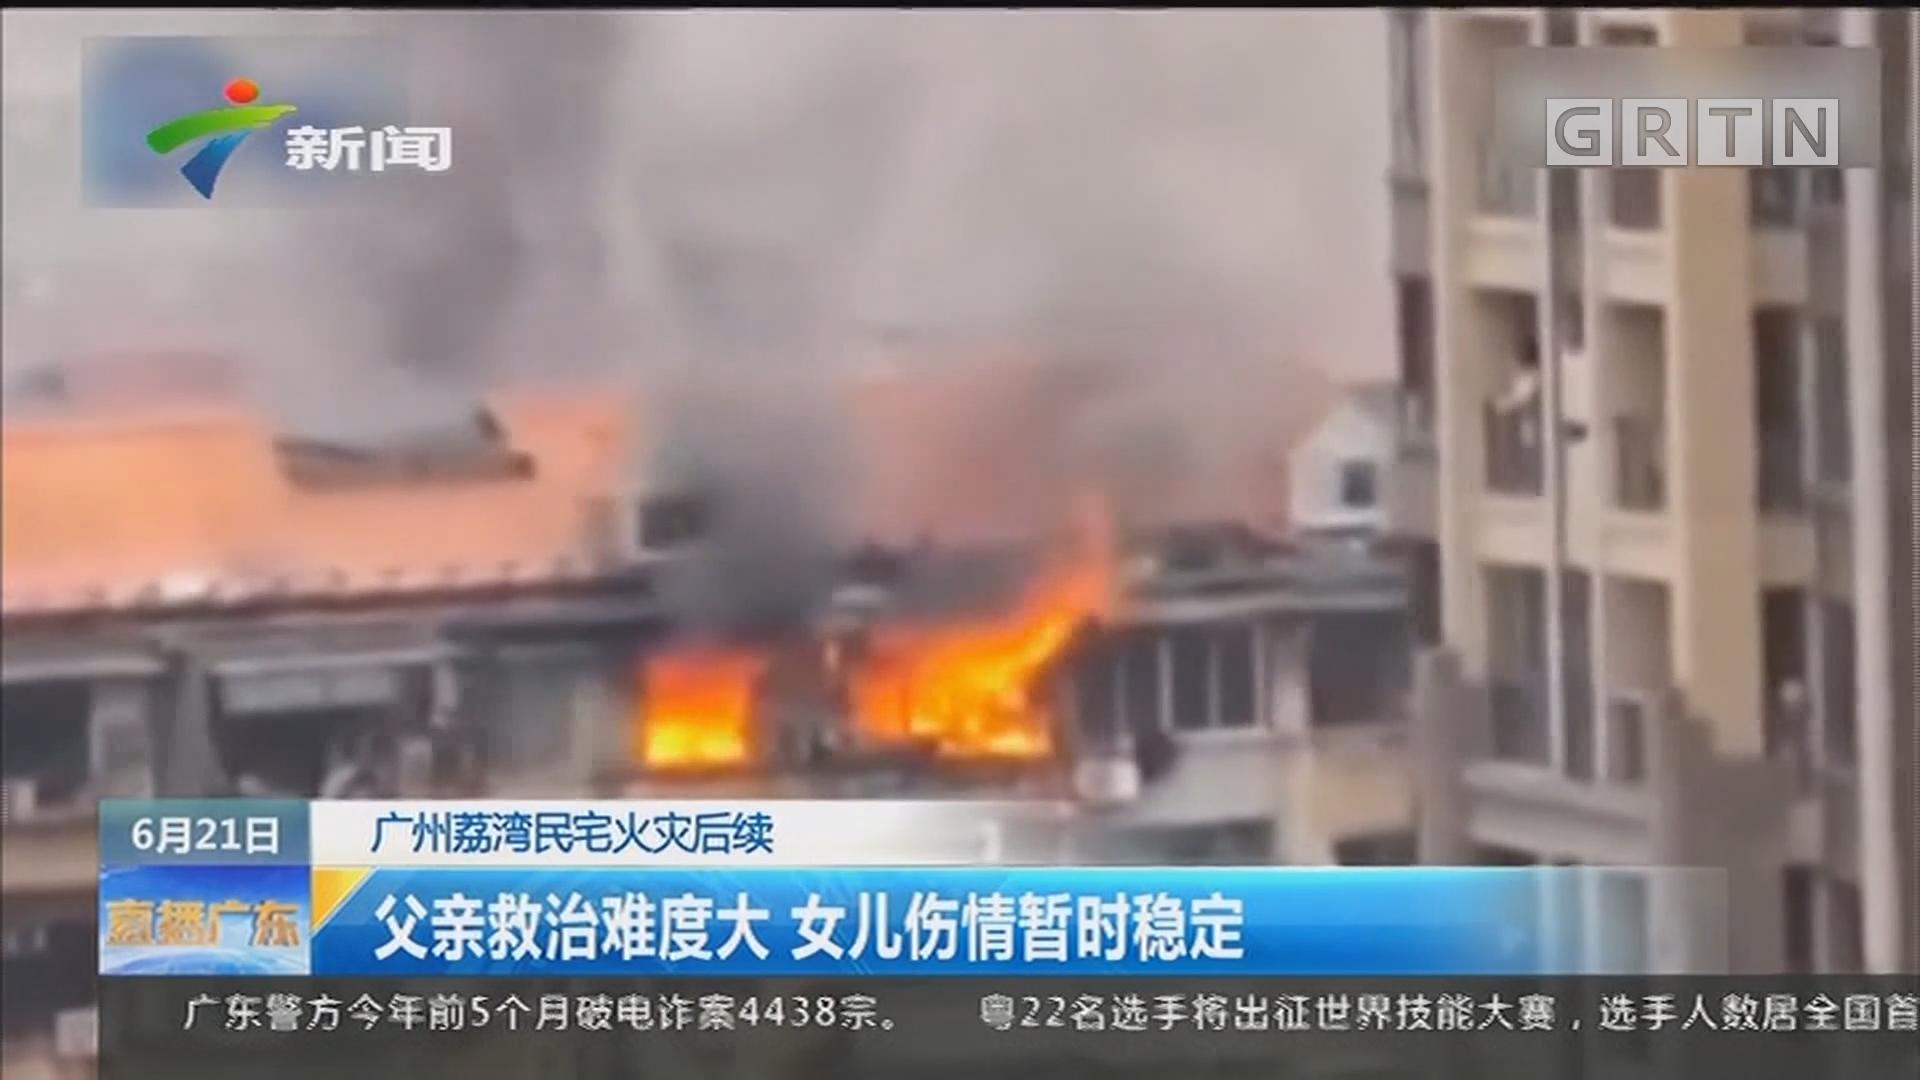 广州荔湾民宅火灾后续:父亲救治难度大 女儿伤情暂时稳定